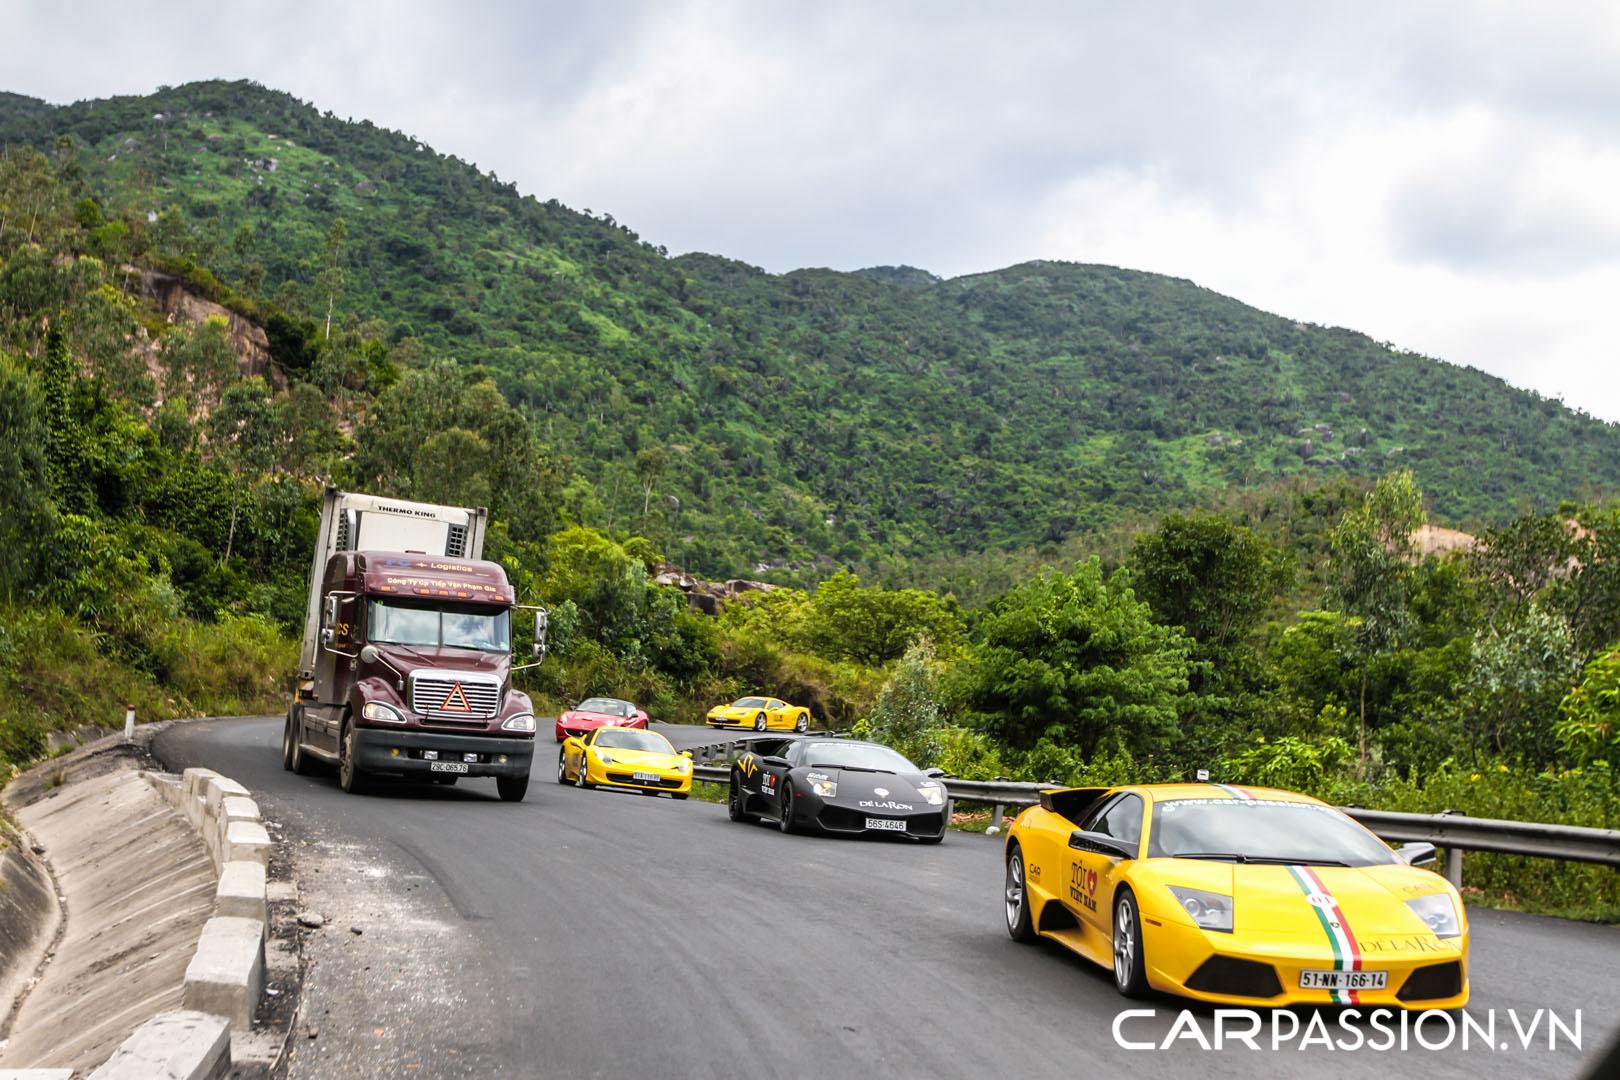 CP-Hành trình siêu xe CarPassion 2011 Day 3 (215).jpg